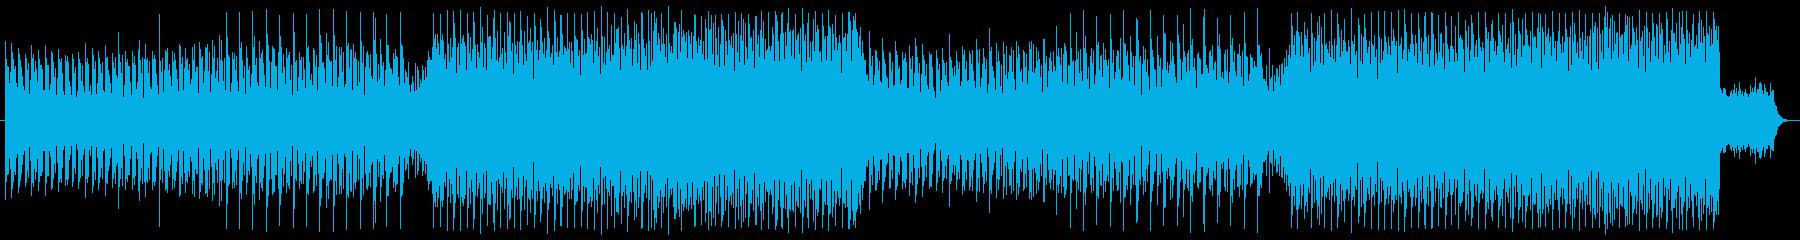 サイエンス系CMや映像に エレクトロの再生済みの波形